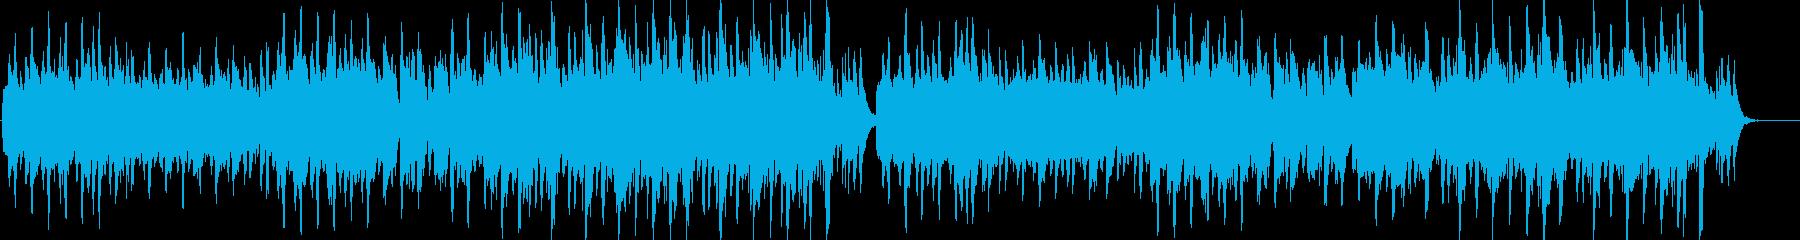 エレガントなフルートのワルツの再生済みの波形